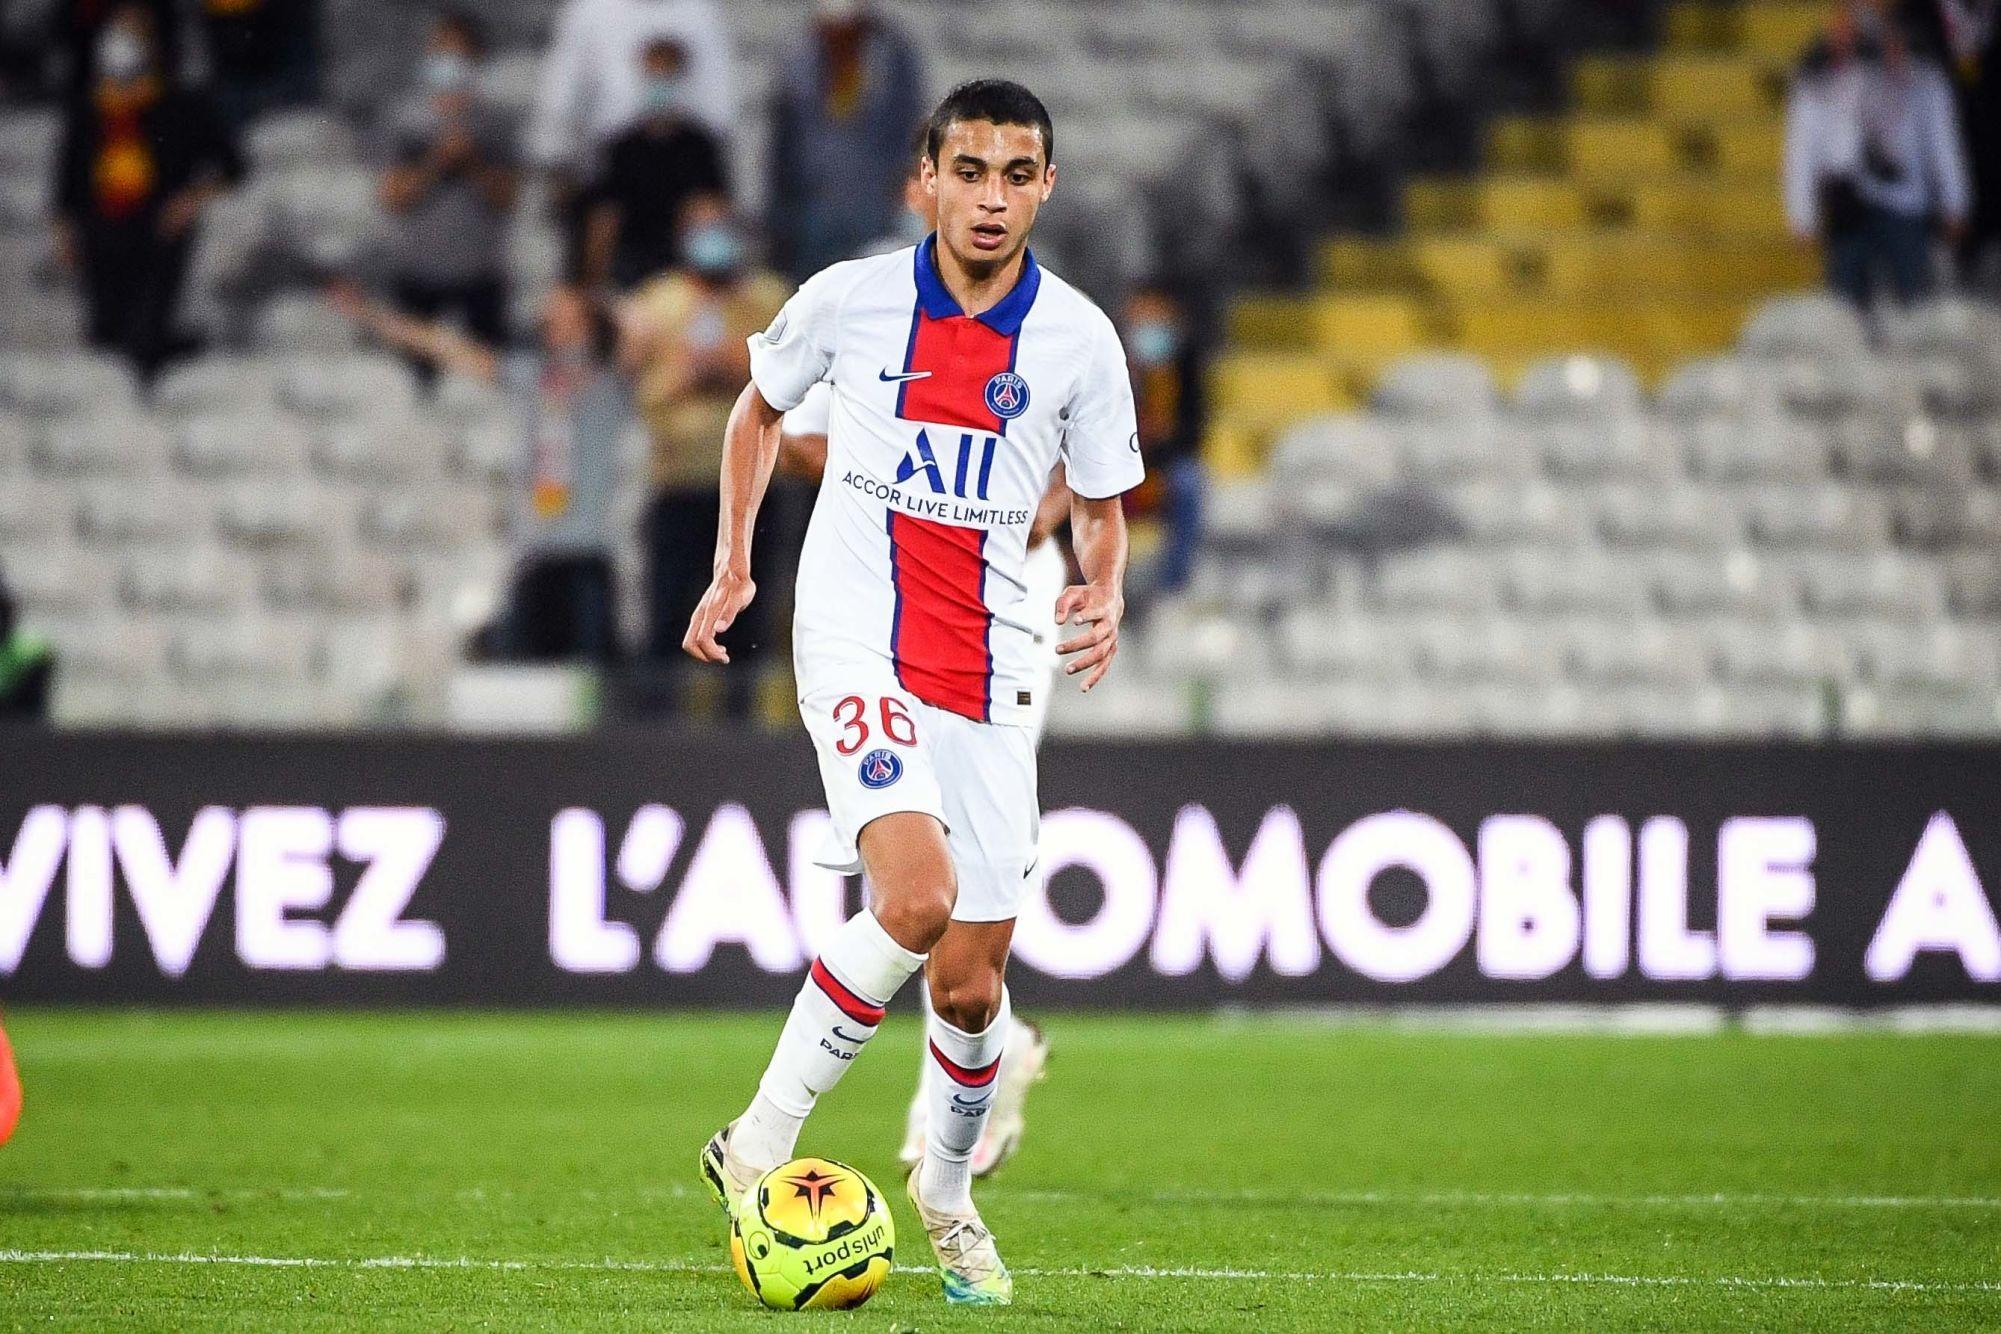 """Nantes/PSG - Ruiz-Atil """"C'est une fierté. Mais il faut travailler encore pour essayer de jouer"""""""